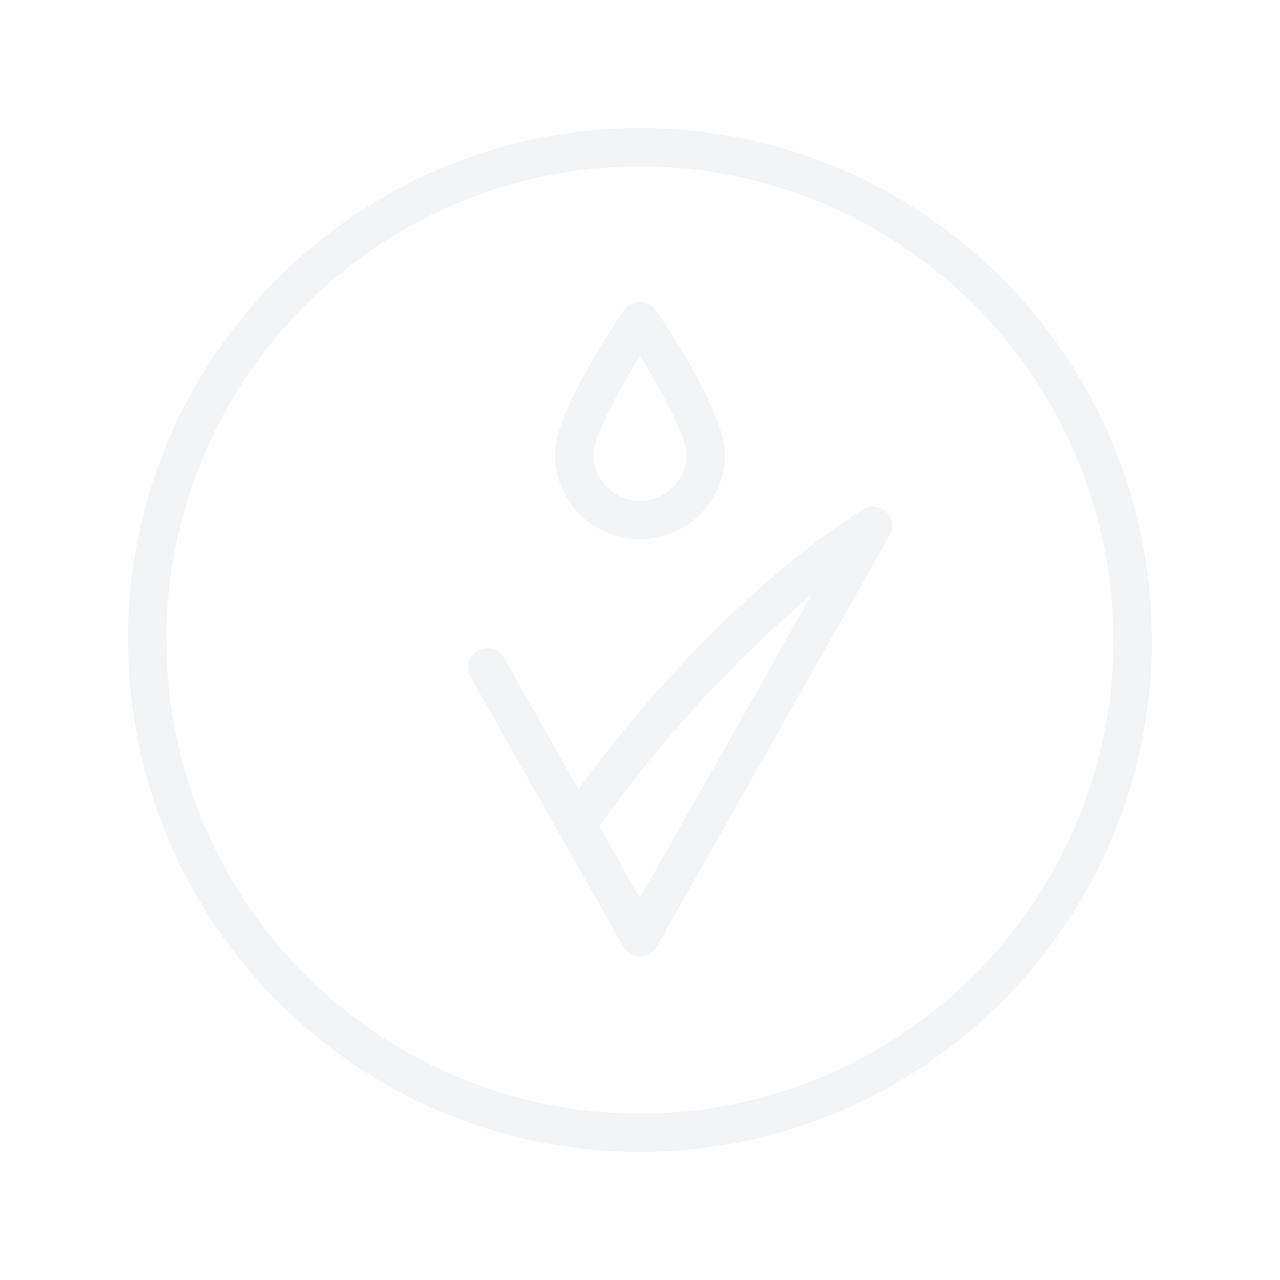 ELIZABETH ARDEN 8 Hour Fragrance Free Skin Protectant 50ml